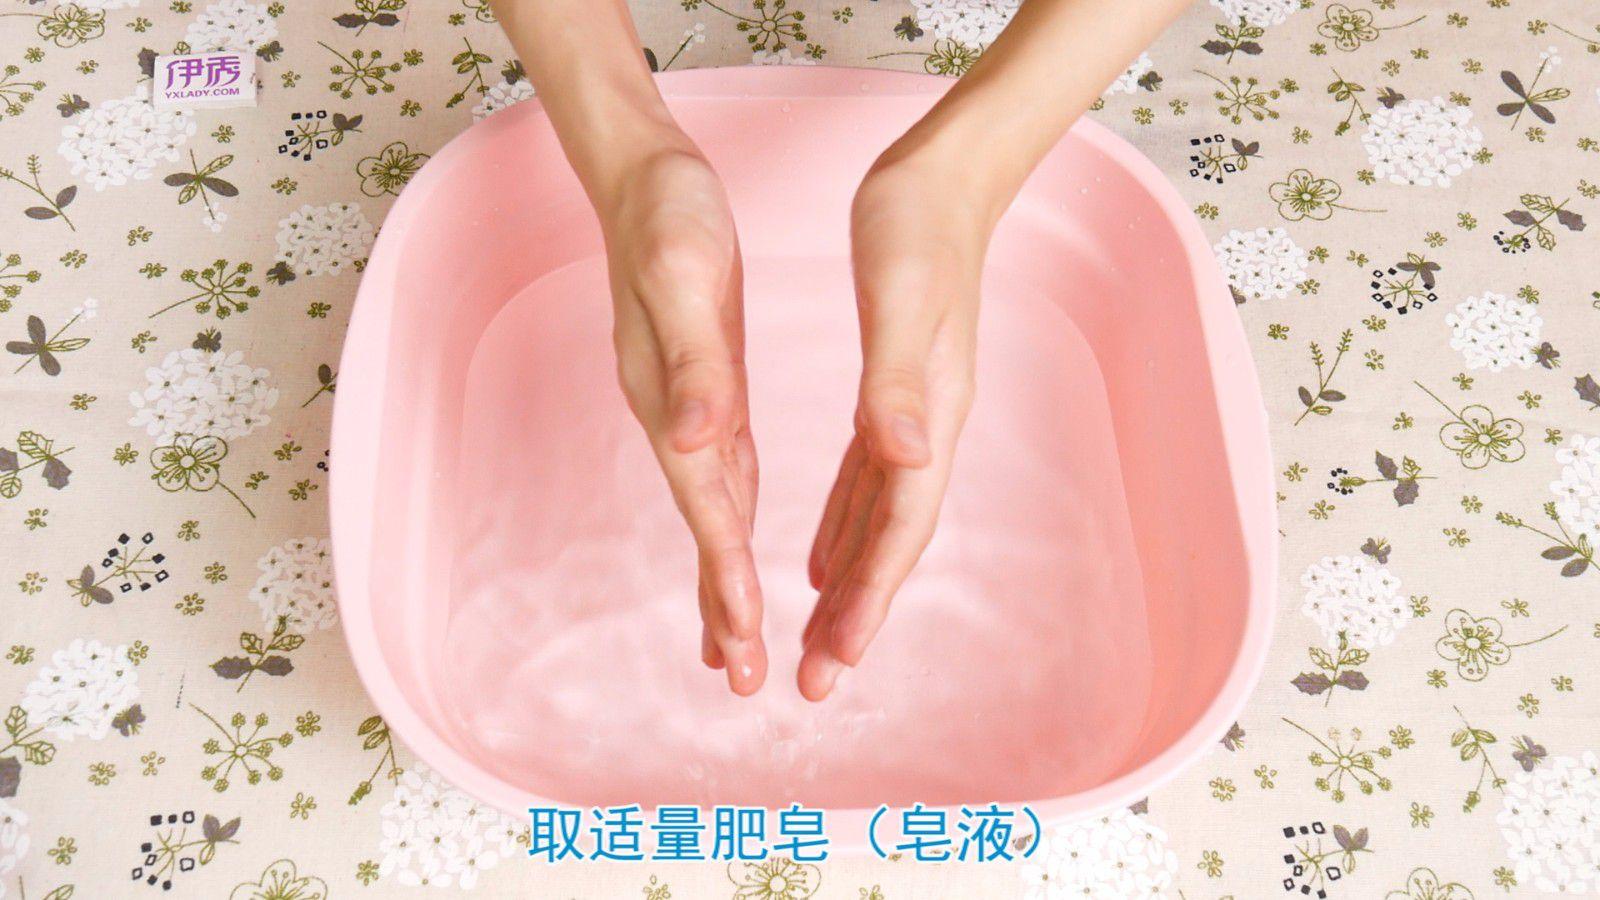 六步洗手法